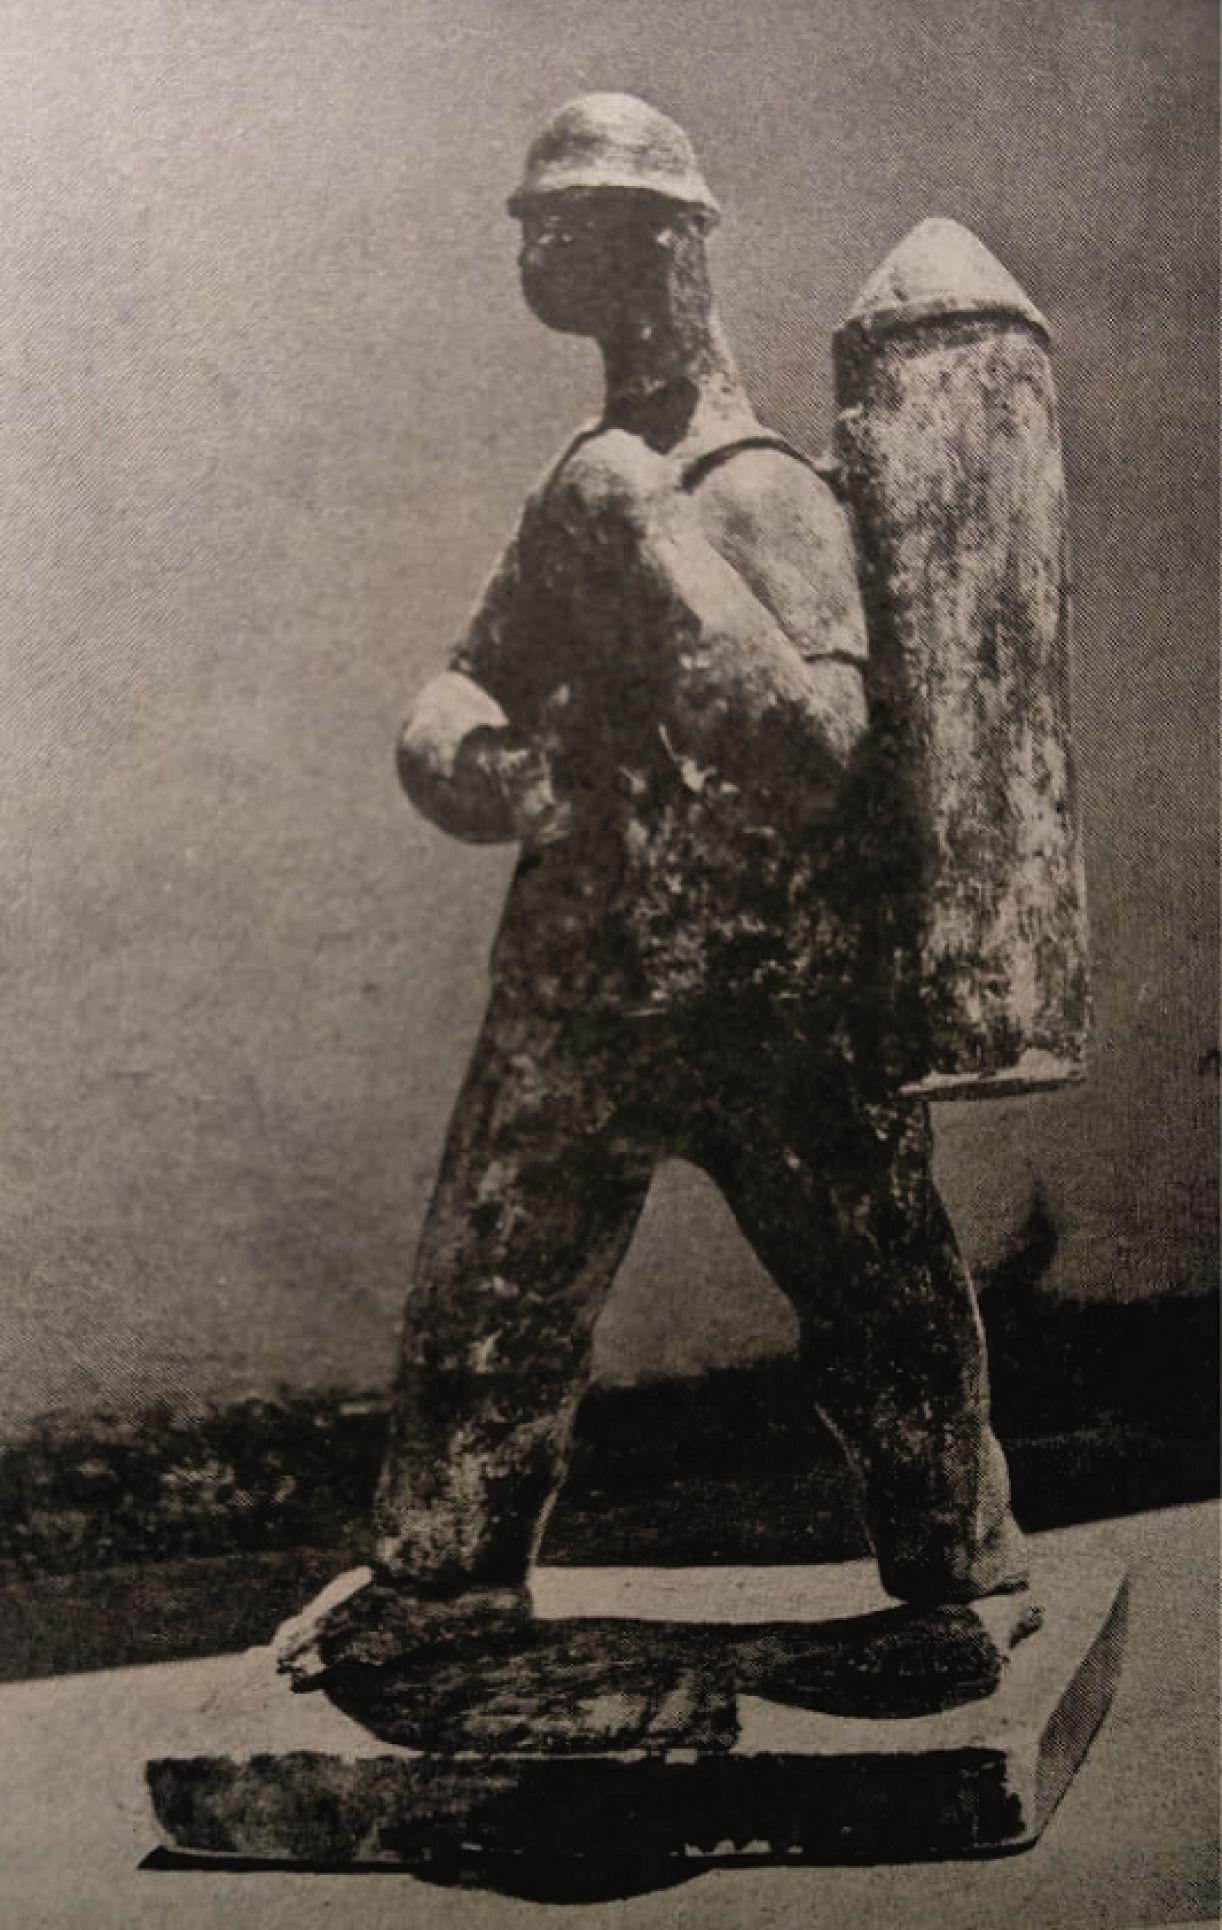 'Vendedor de cavaquinho'. Gesso, 53 x 26 cm, 1953, Wilton de Souza